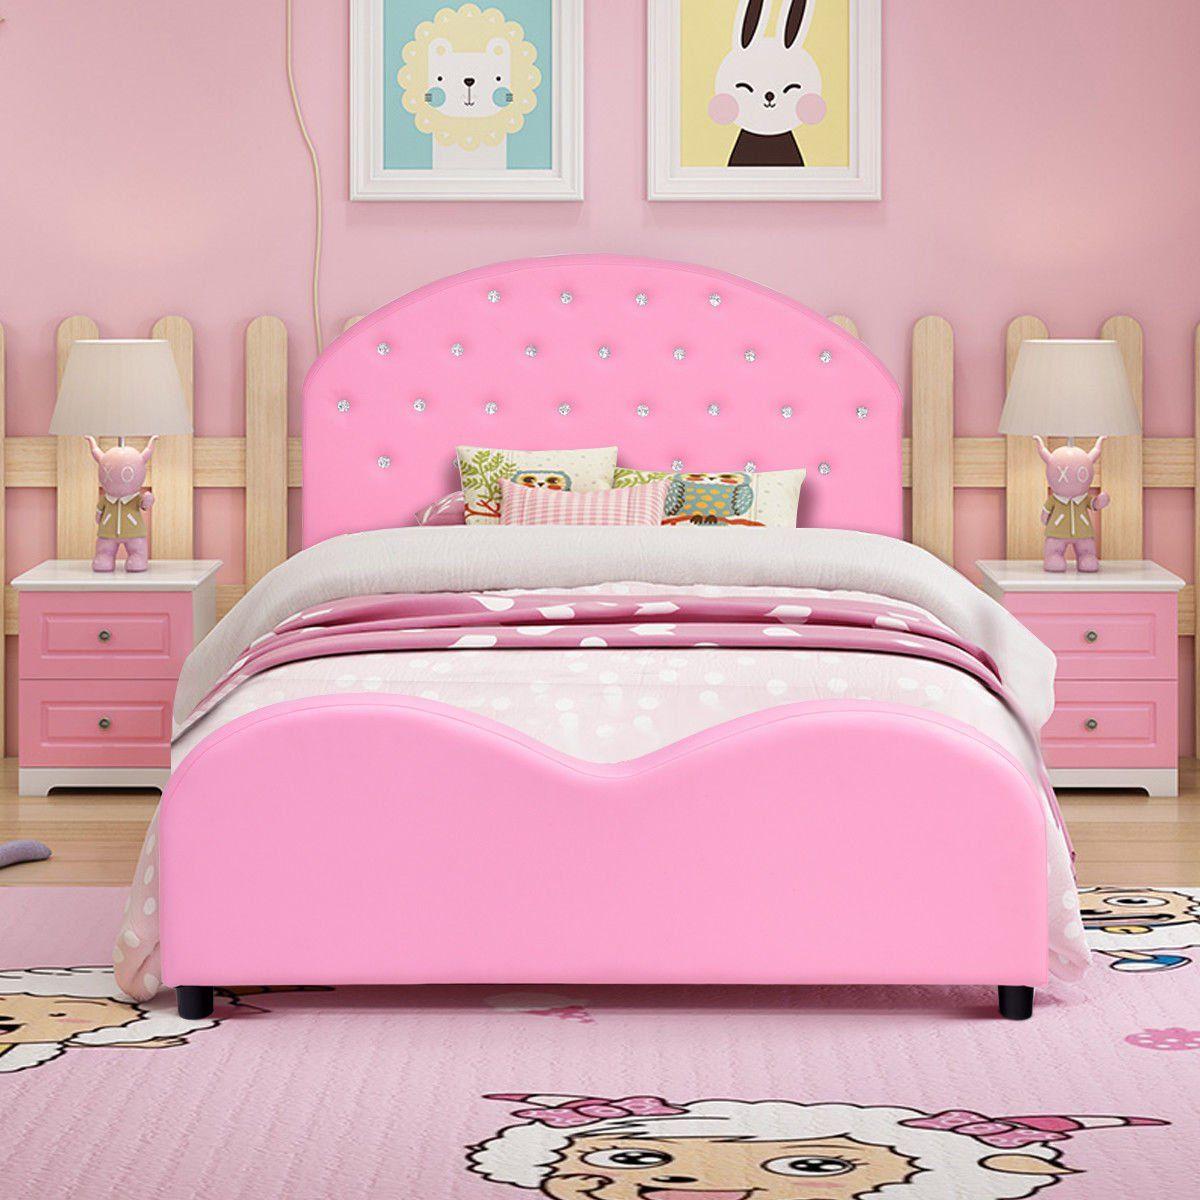 Costway Kids Children Pu Upholstered Platform Wooden Princess Bed Bedroom Furniture Pink Walmart Com In 2020 Pink Bedroom Furniture Childrens Bedroom Furniture Bedroom Furniture Design